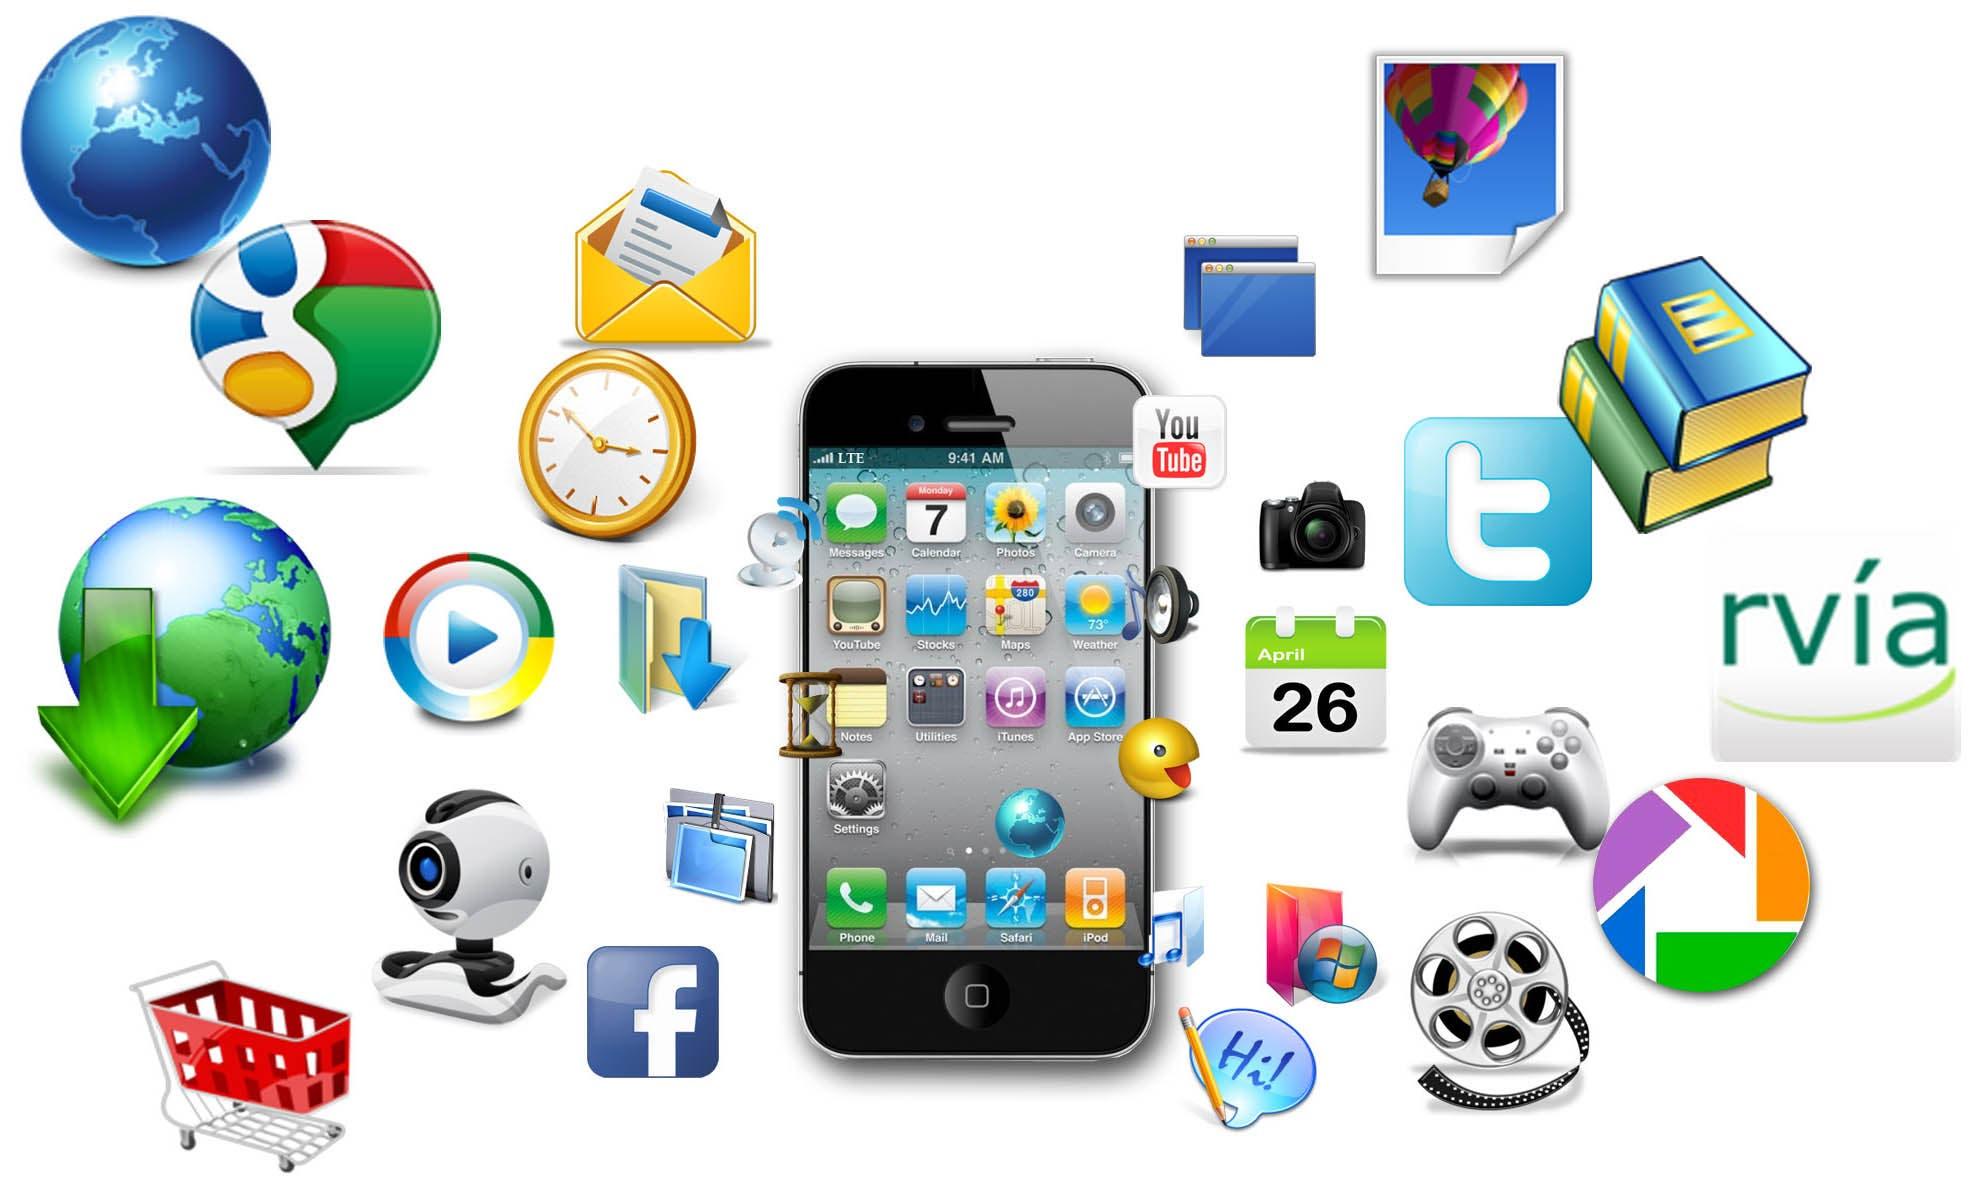 Sirven realmente las aplicaciones aumentar la productividad trabajo?